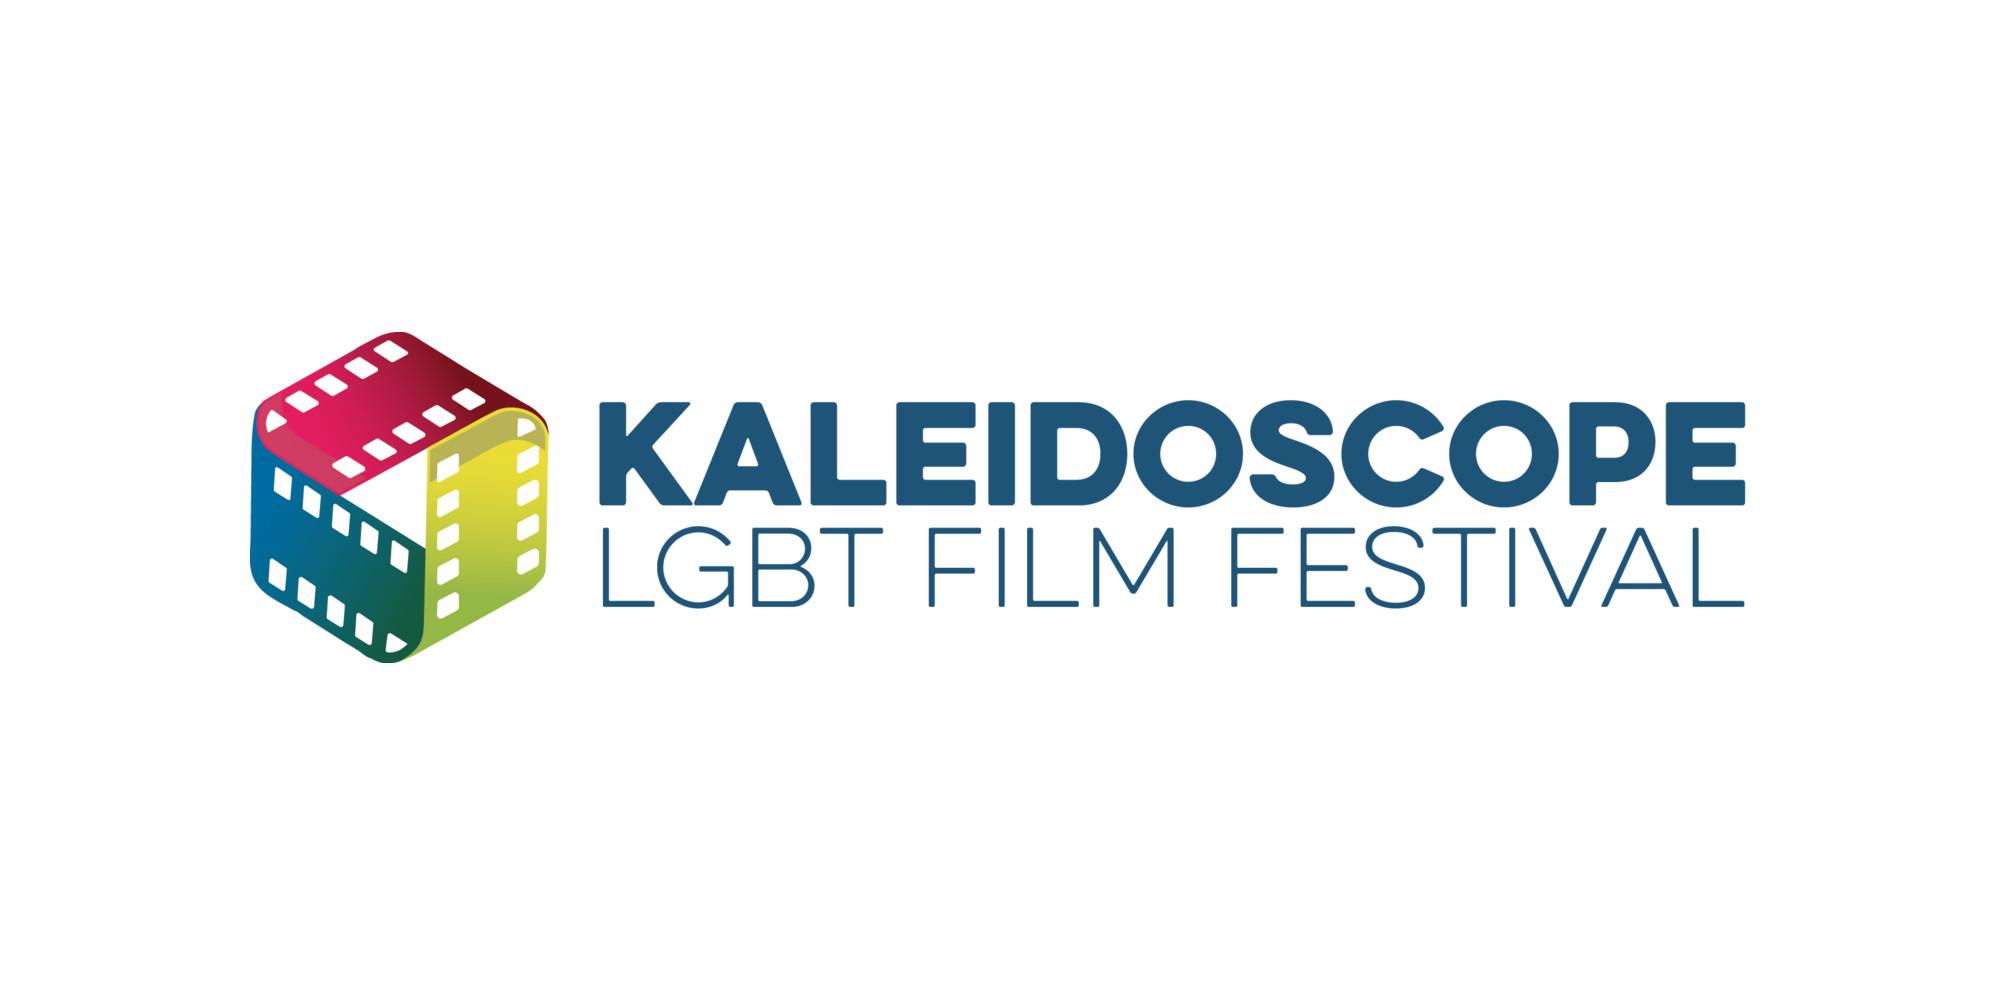 Kaleidoscope LGBT Film Festival (Little Rock, AR)